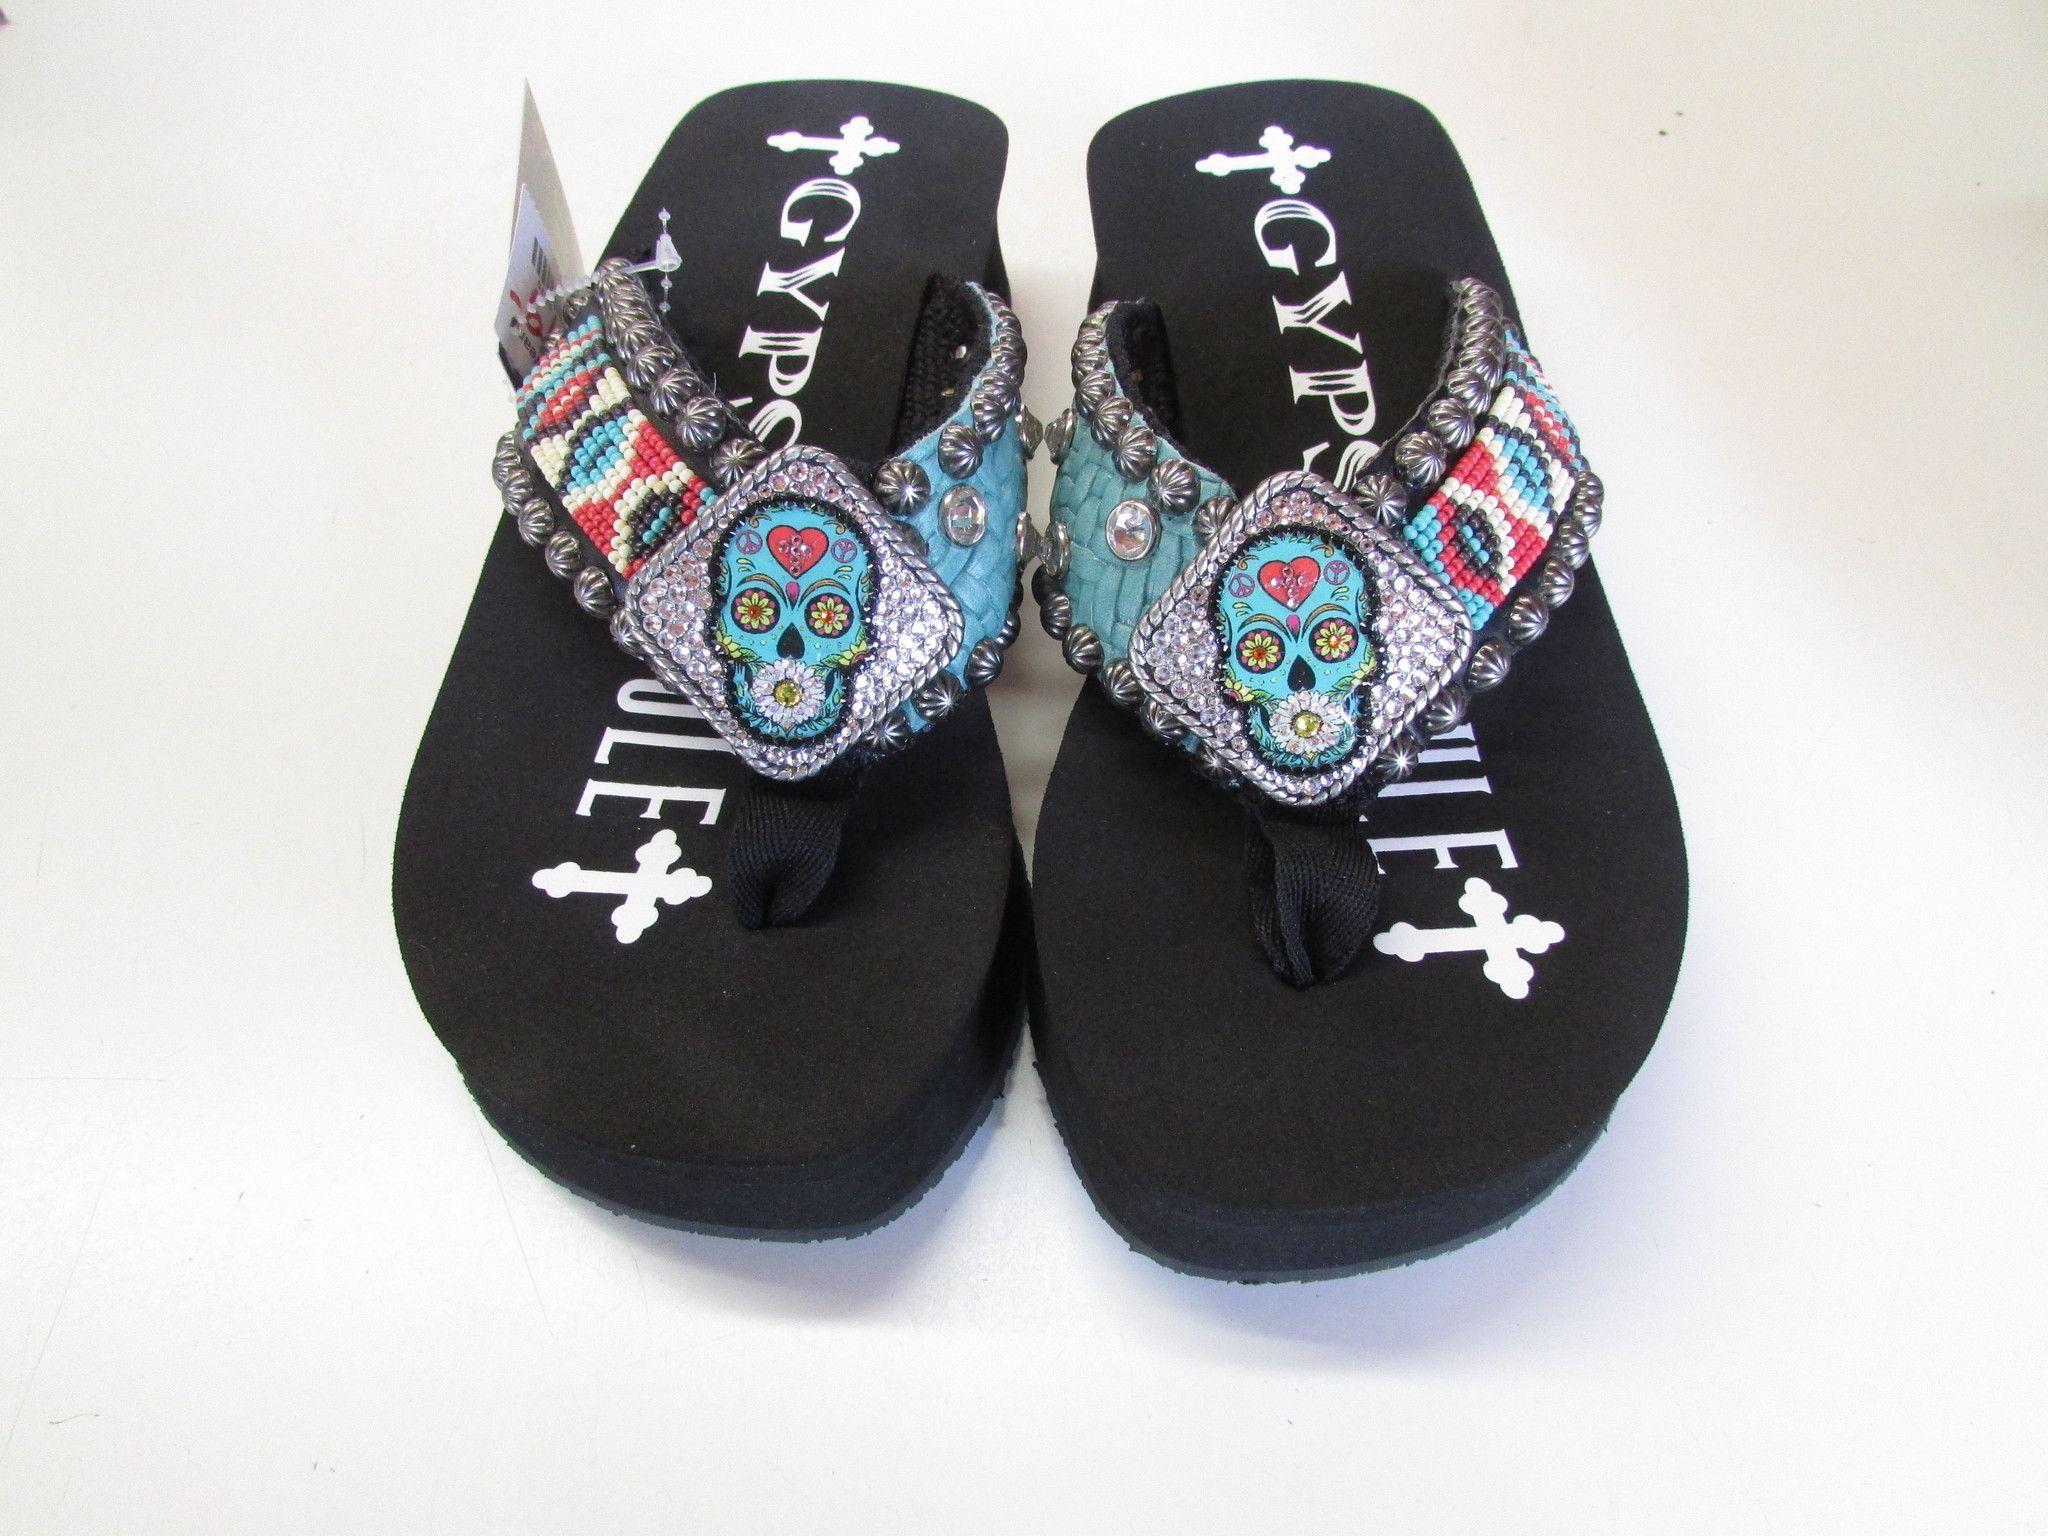 63c23523df9414 Gypsy Soule Women s Black SugarSweet Wedge Flip Flop